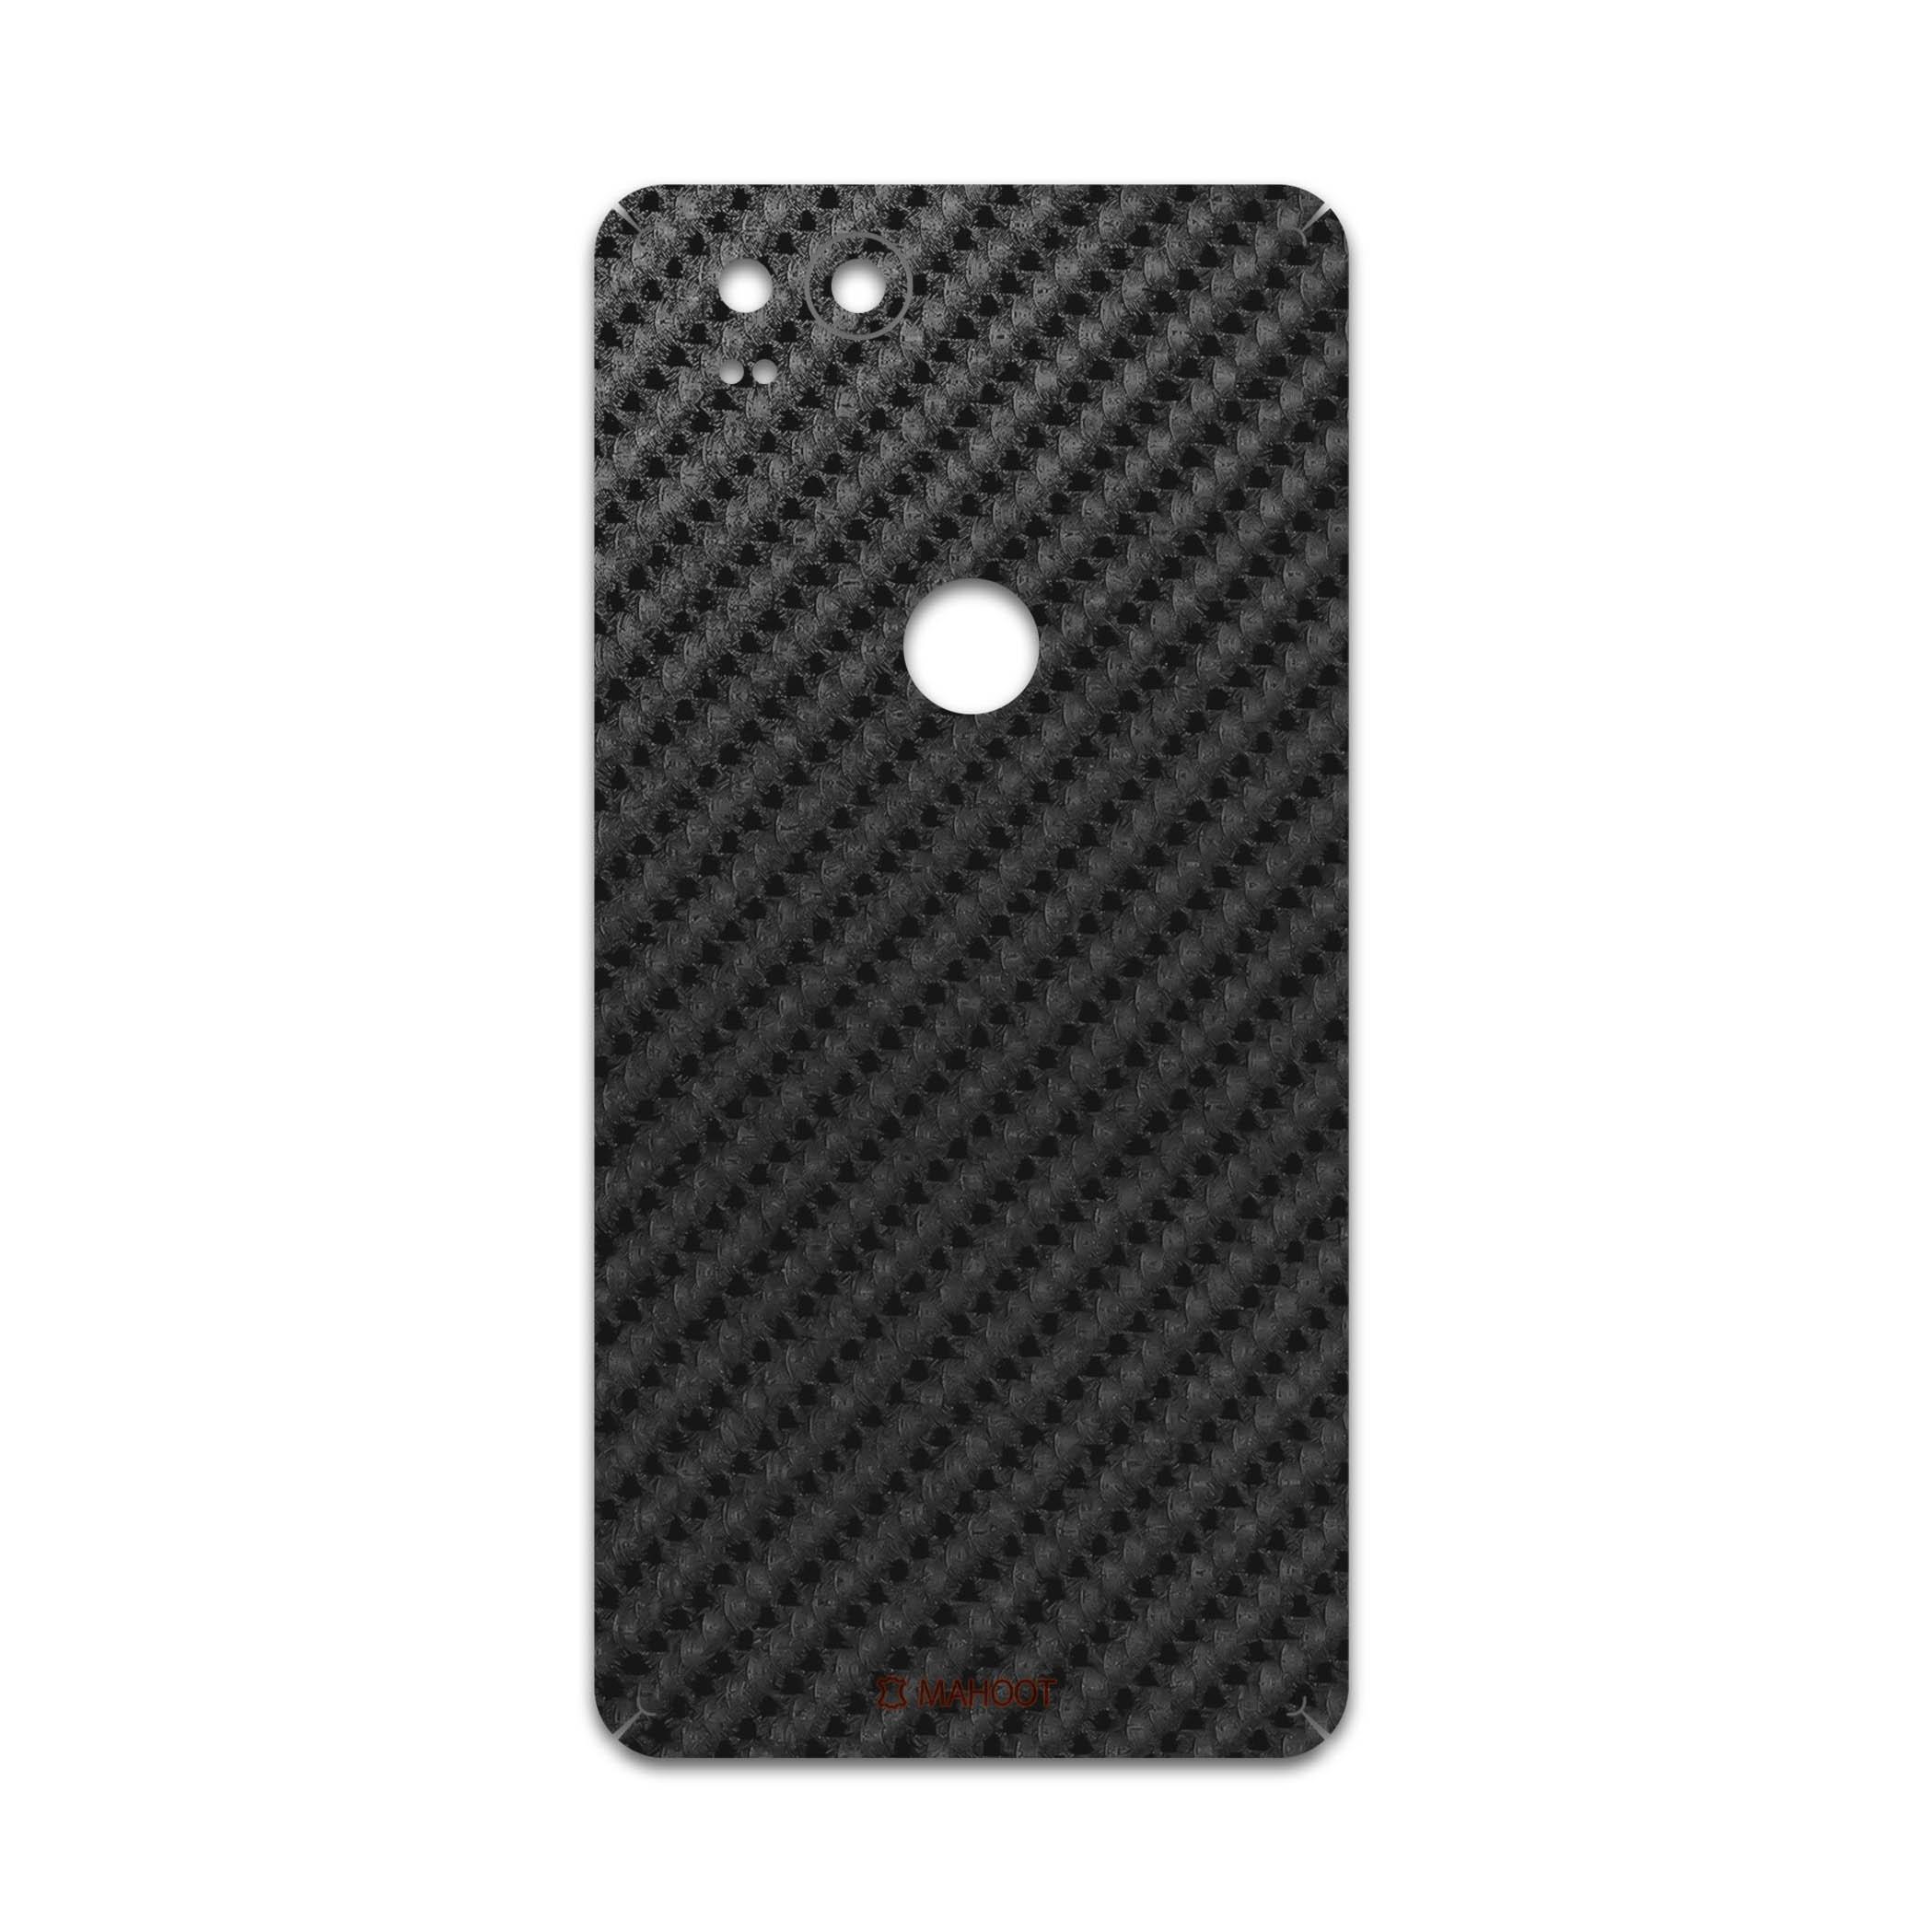 برچسب پوششی ماهوت مدل Shine-Carbon-Fiber مناسب برای گوشی موبایل گوگل Pixel 2